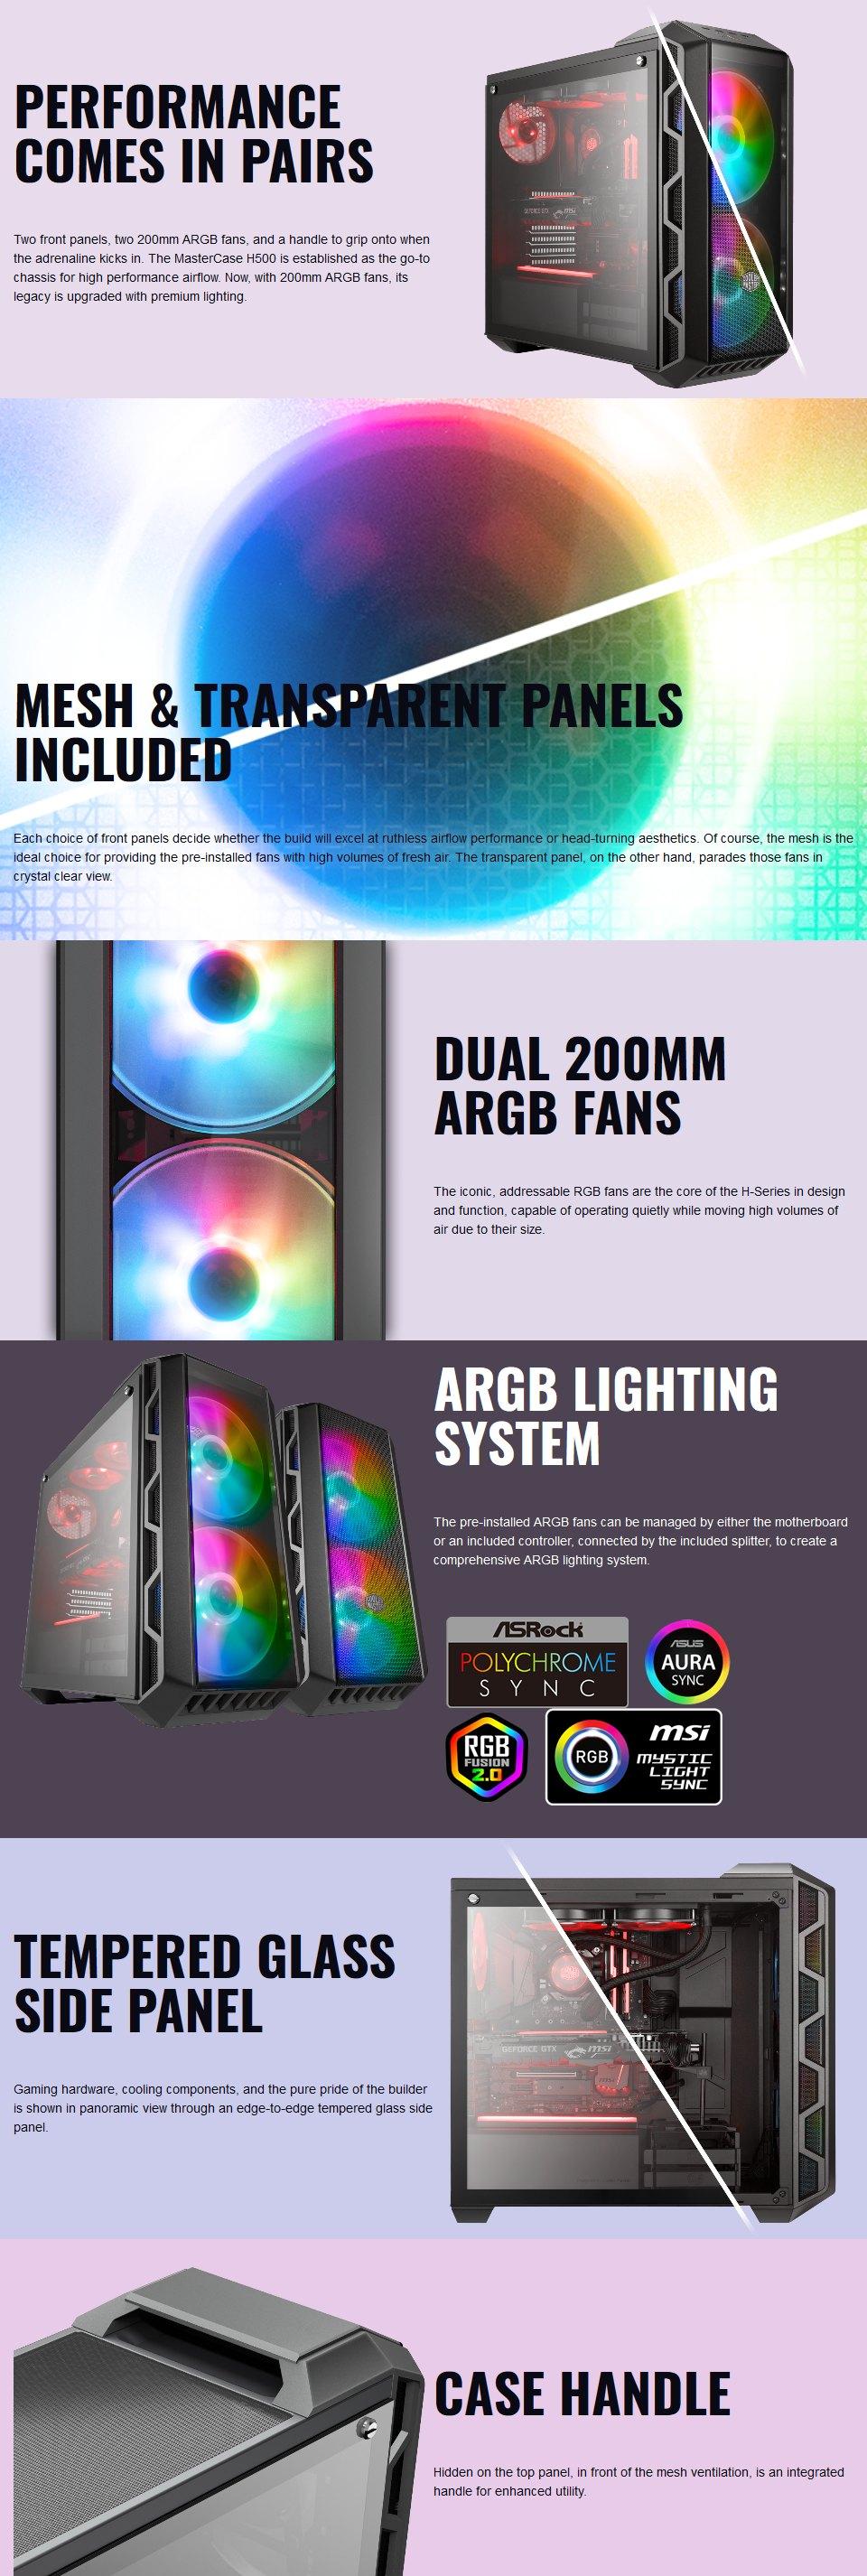 Cooler Master MasterCase H500 ARGB Case features